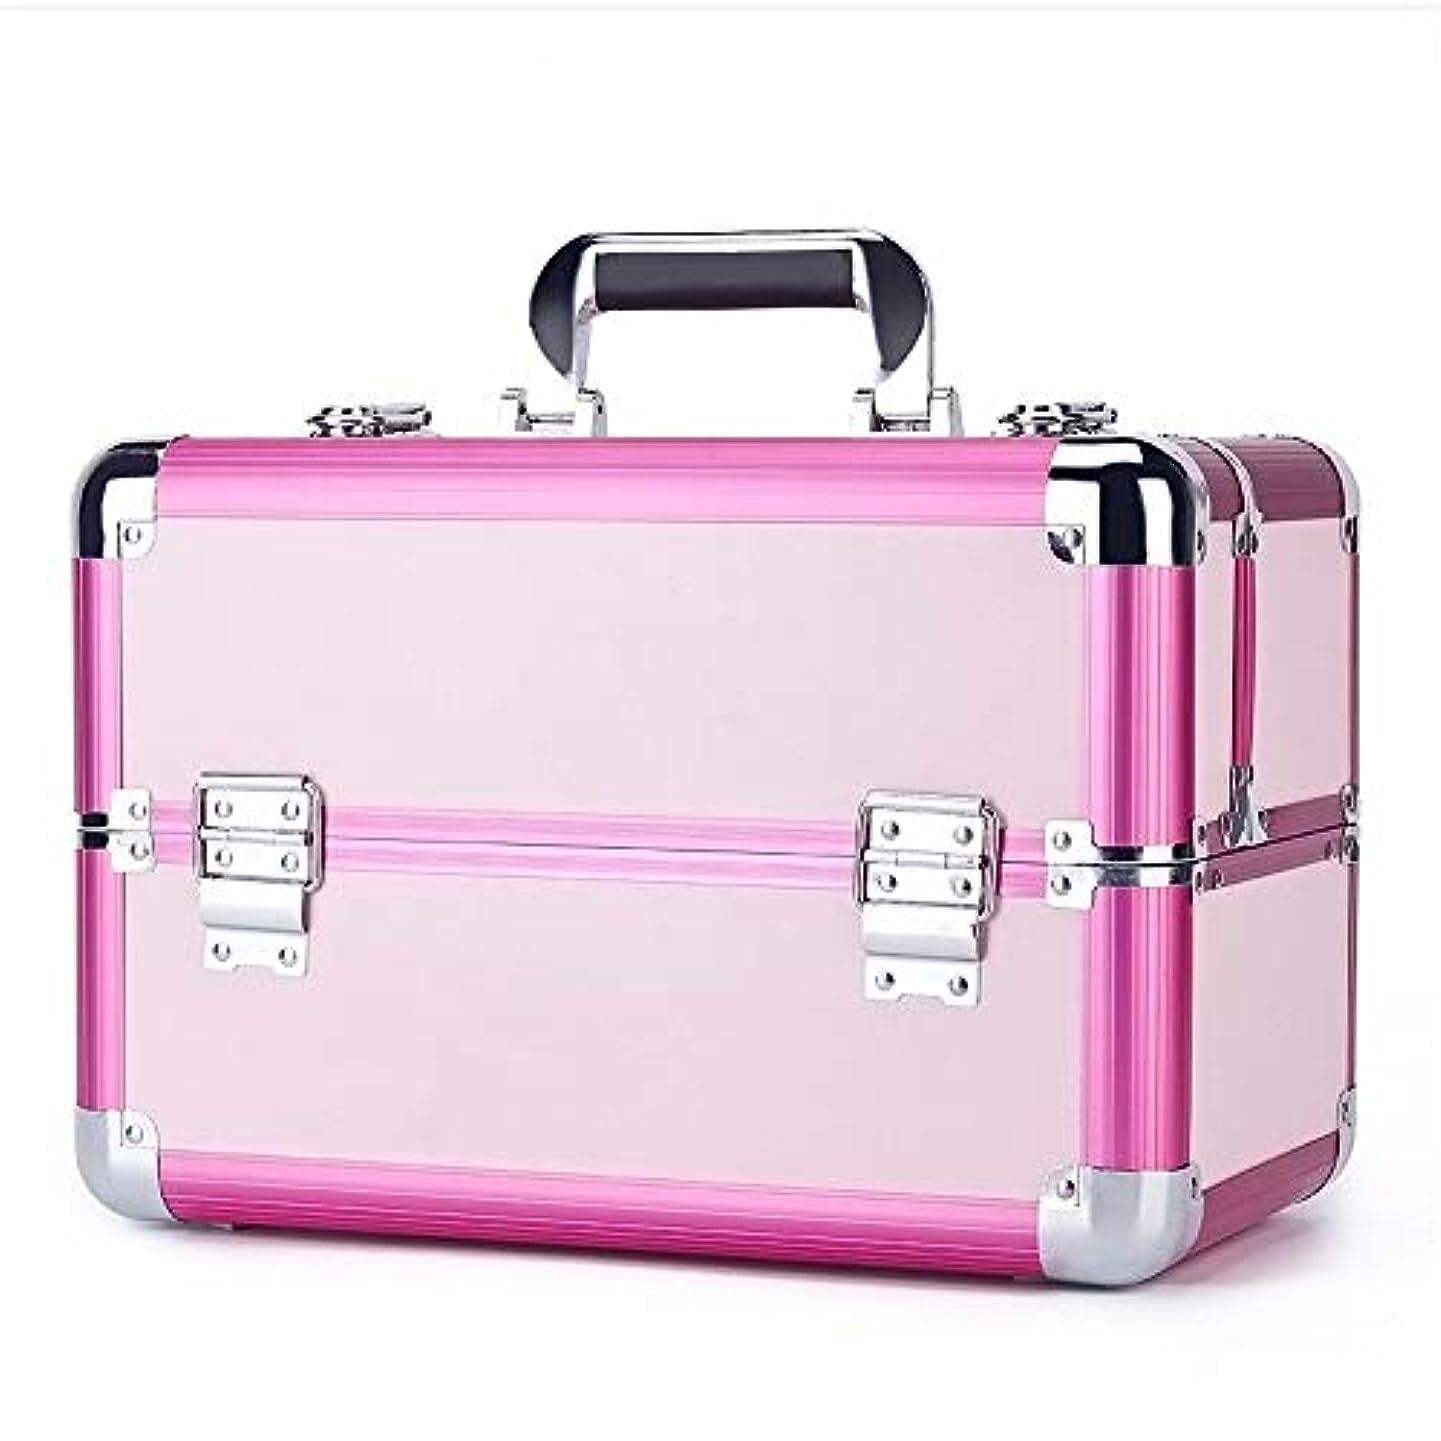 シュリンク認可取得化粧オーガナイザーバッグ 旅行メイクアップバッグパターンメイクアップアーティストケーストレインボックス化粧品オーガナイザー収納用十代の女の子女性アーティスト 化粧品ケース (色 : ピンク)